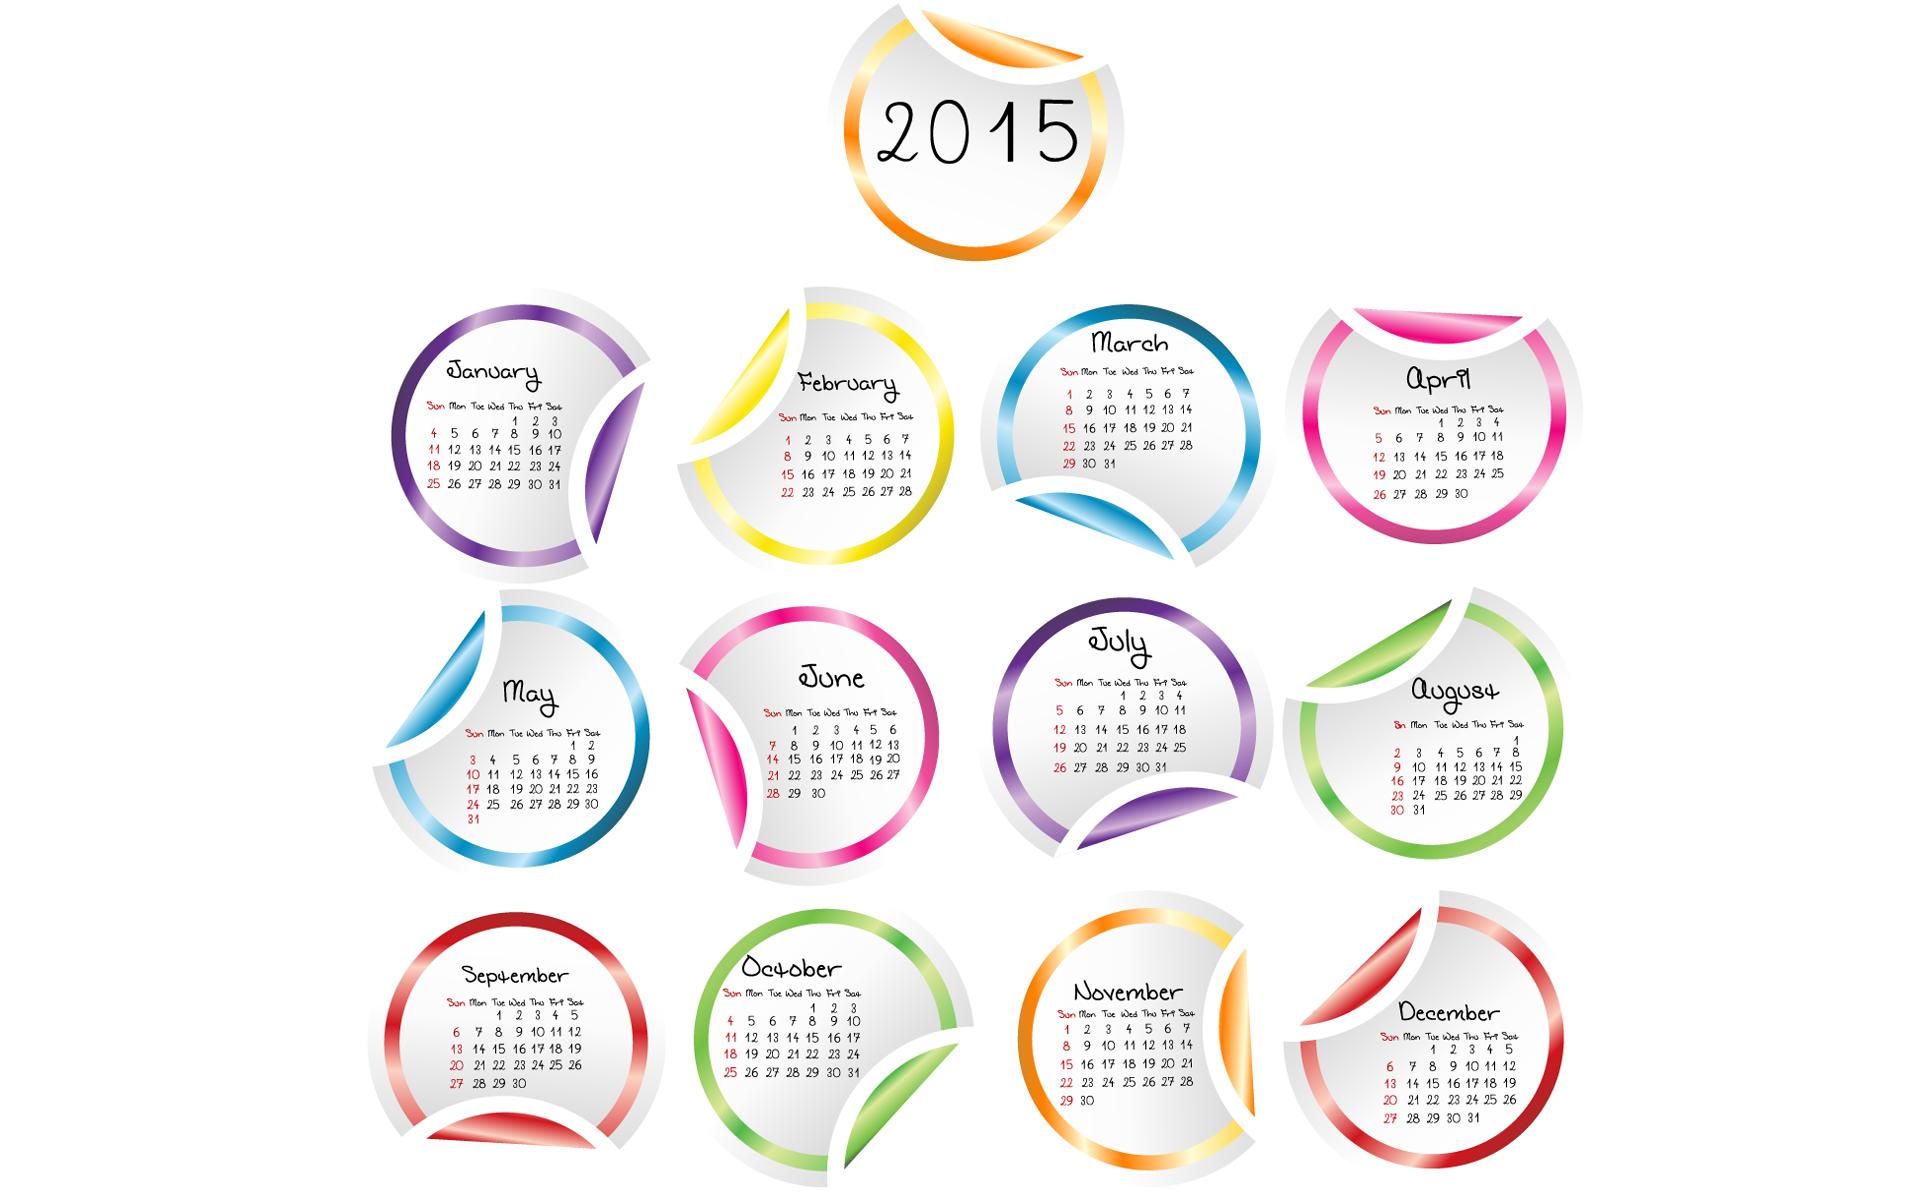 Happy new year 2015 calendar download best desktop wallpaper 1920x1200